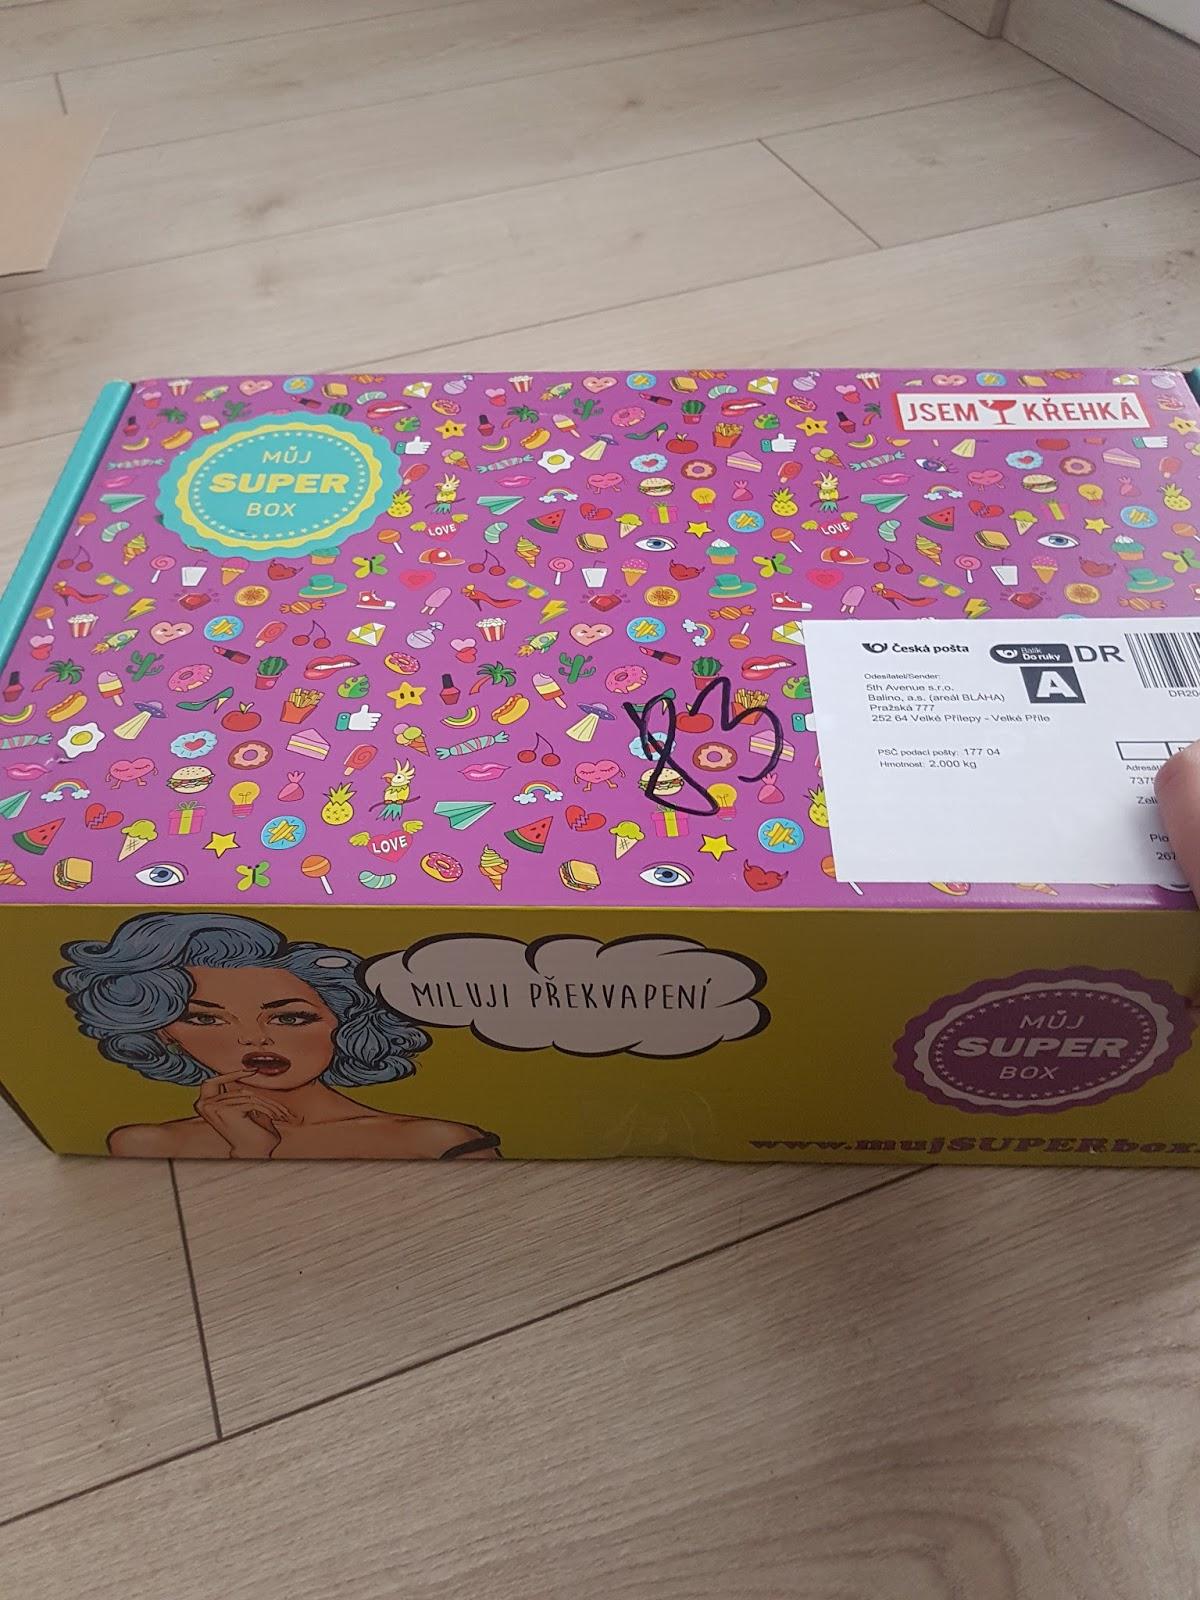 Cena tohto boxu je 449 Kč už aj s dopravou. Hodnota boxu má byť minimálne 1  200 Kč. A čo tento box obsahoval  Tak to si môžte pozrieť v dnešnom článku   -) 5776d39cd6f